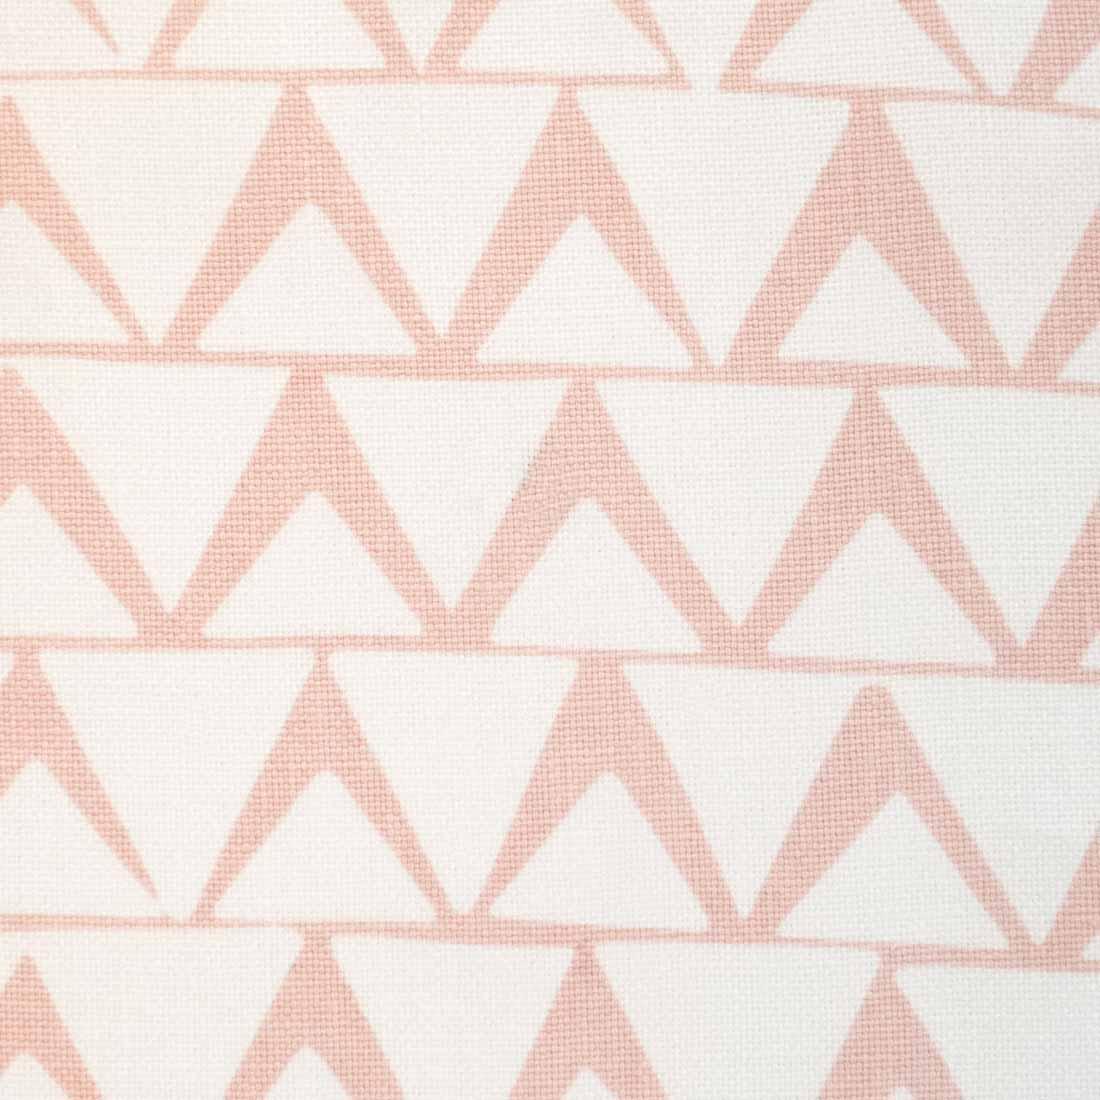 Triangles Inverse in Camellia